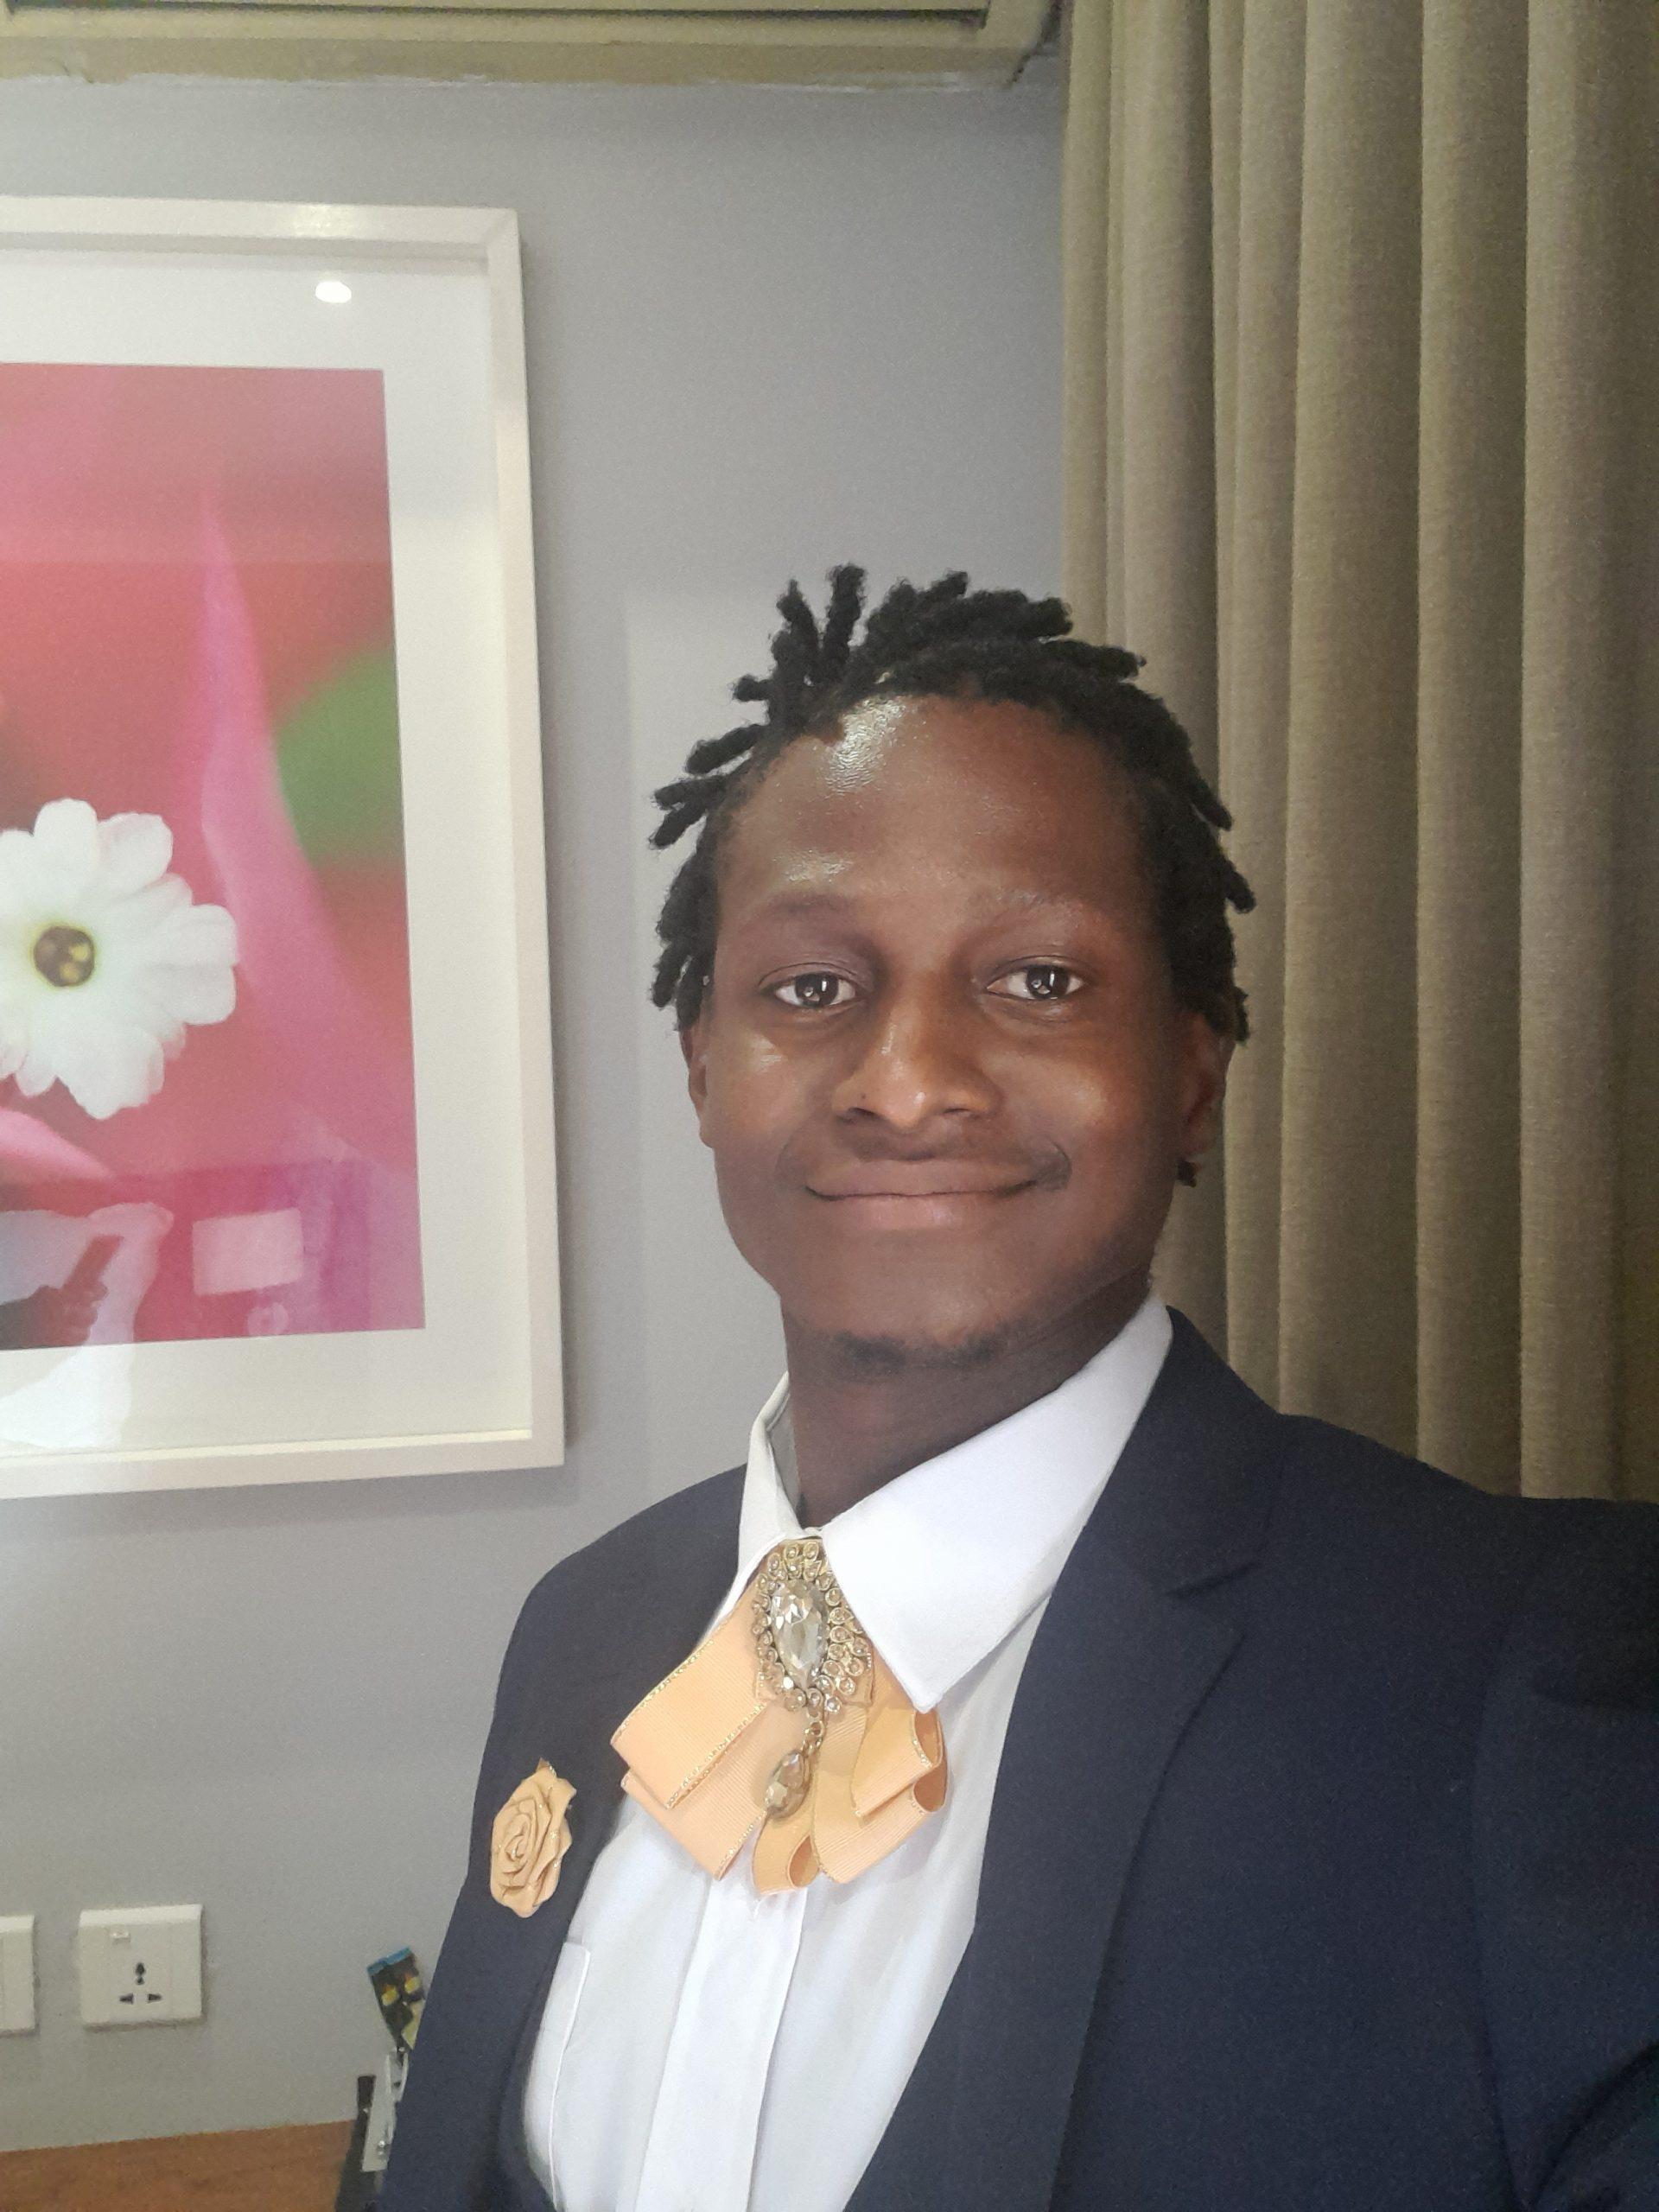 Joseph Ndondo Headshot